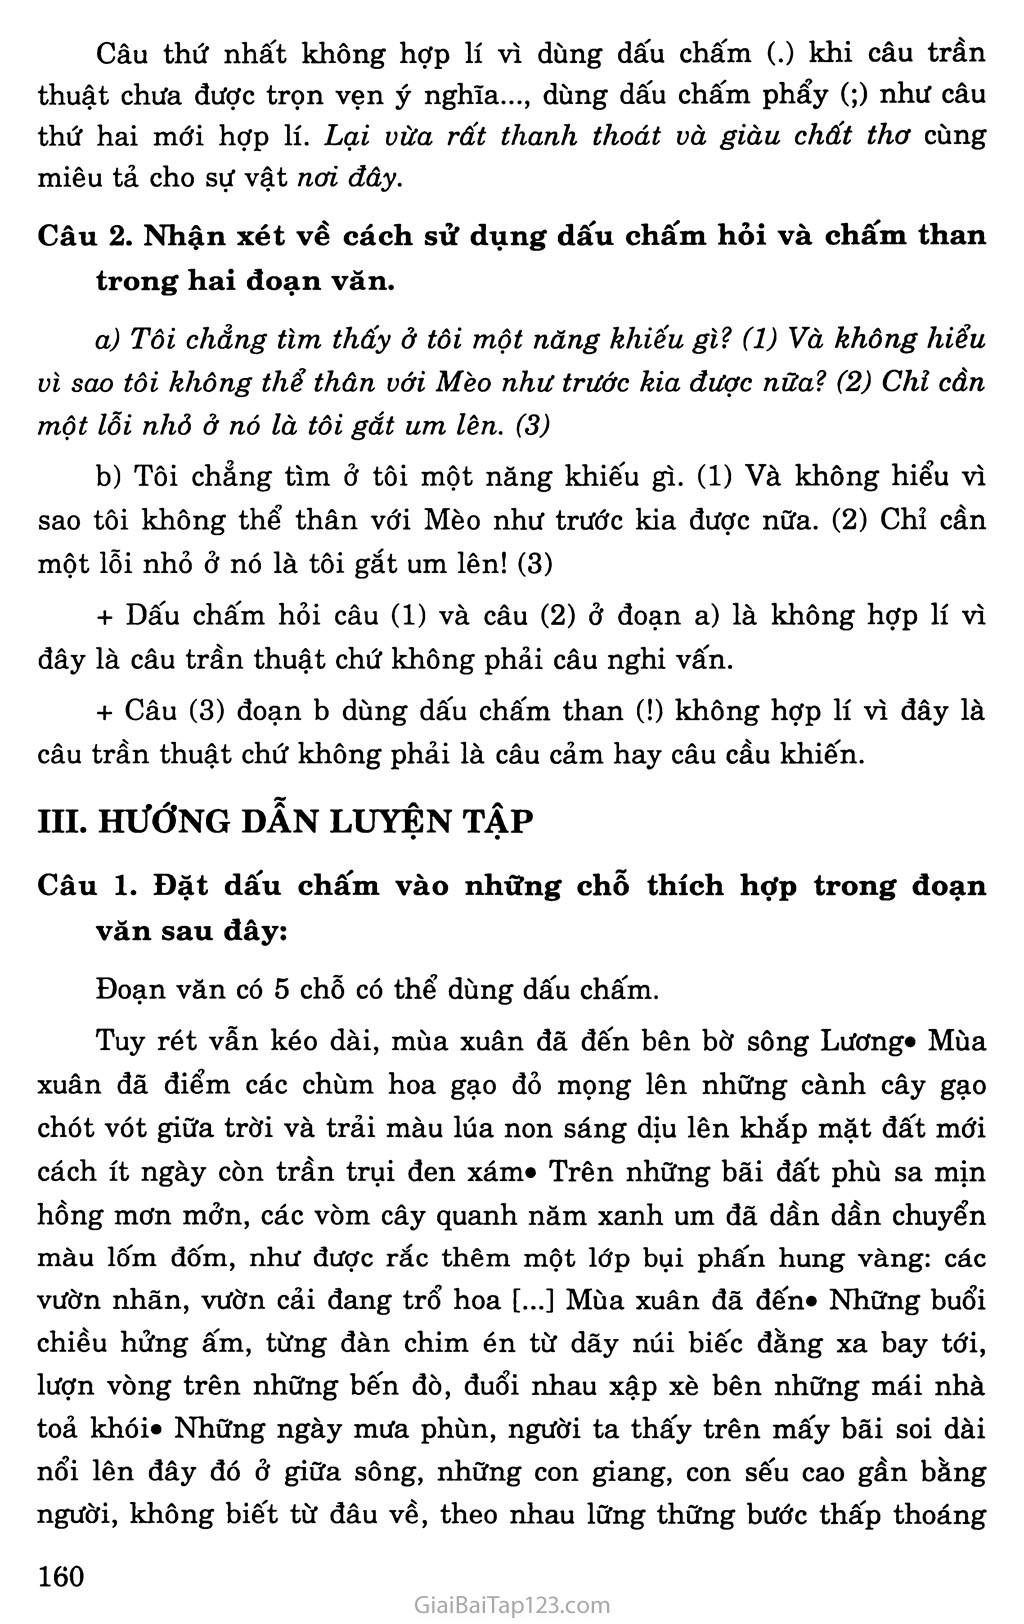 Ôn tập về dấu câu trang 3